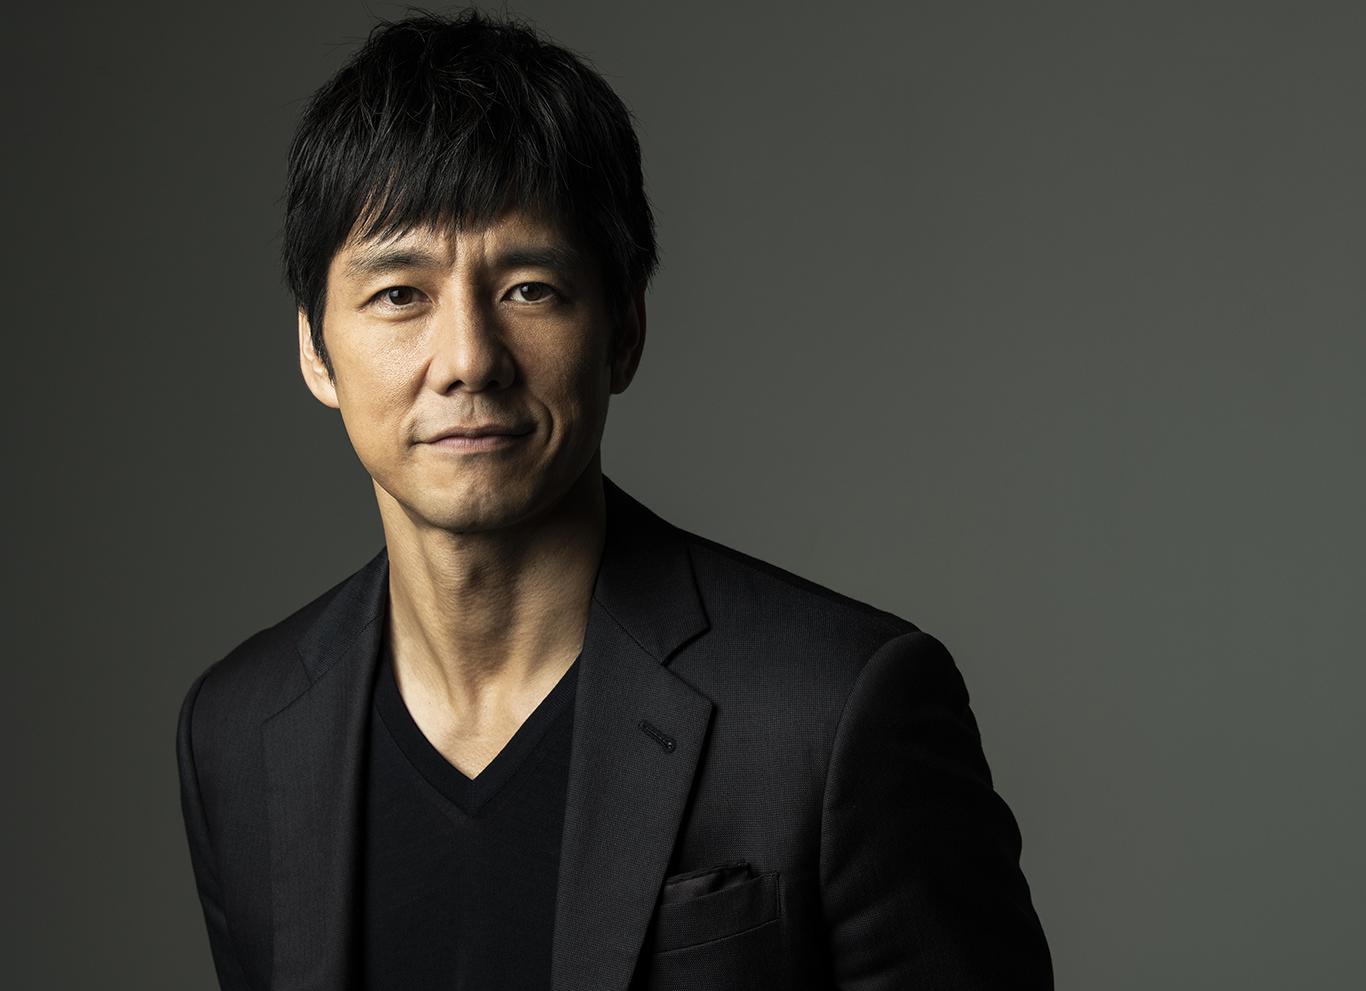 年齢を重ねると背負うものも大きくなる。西島秀俊、47歳。役者としての挑戦は続く